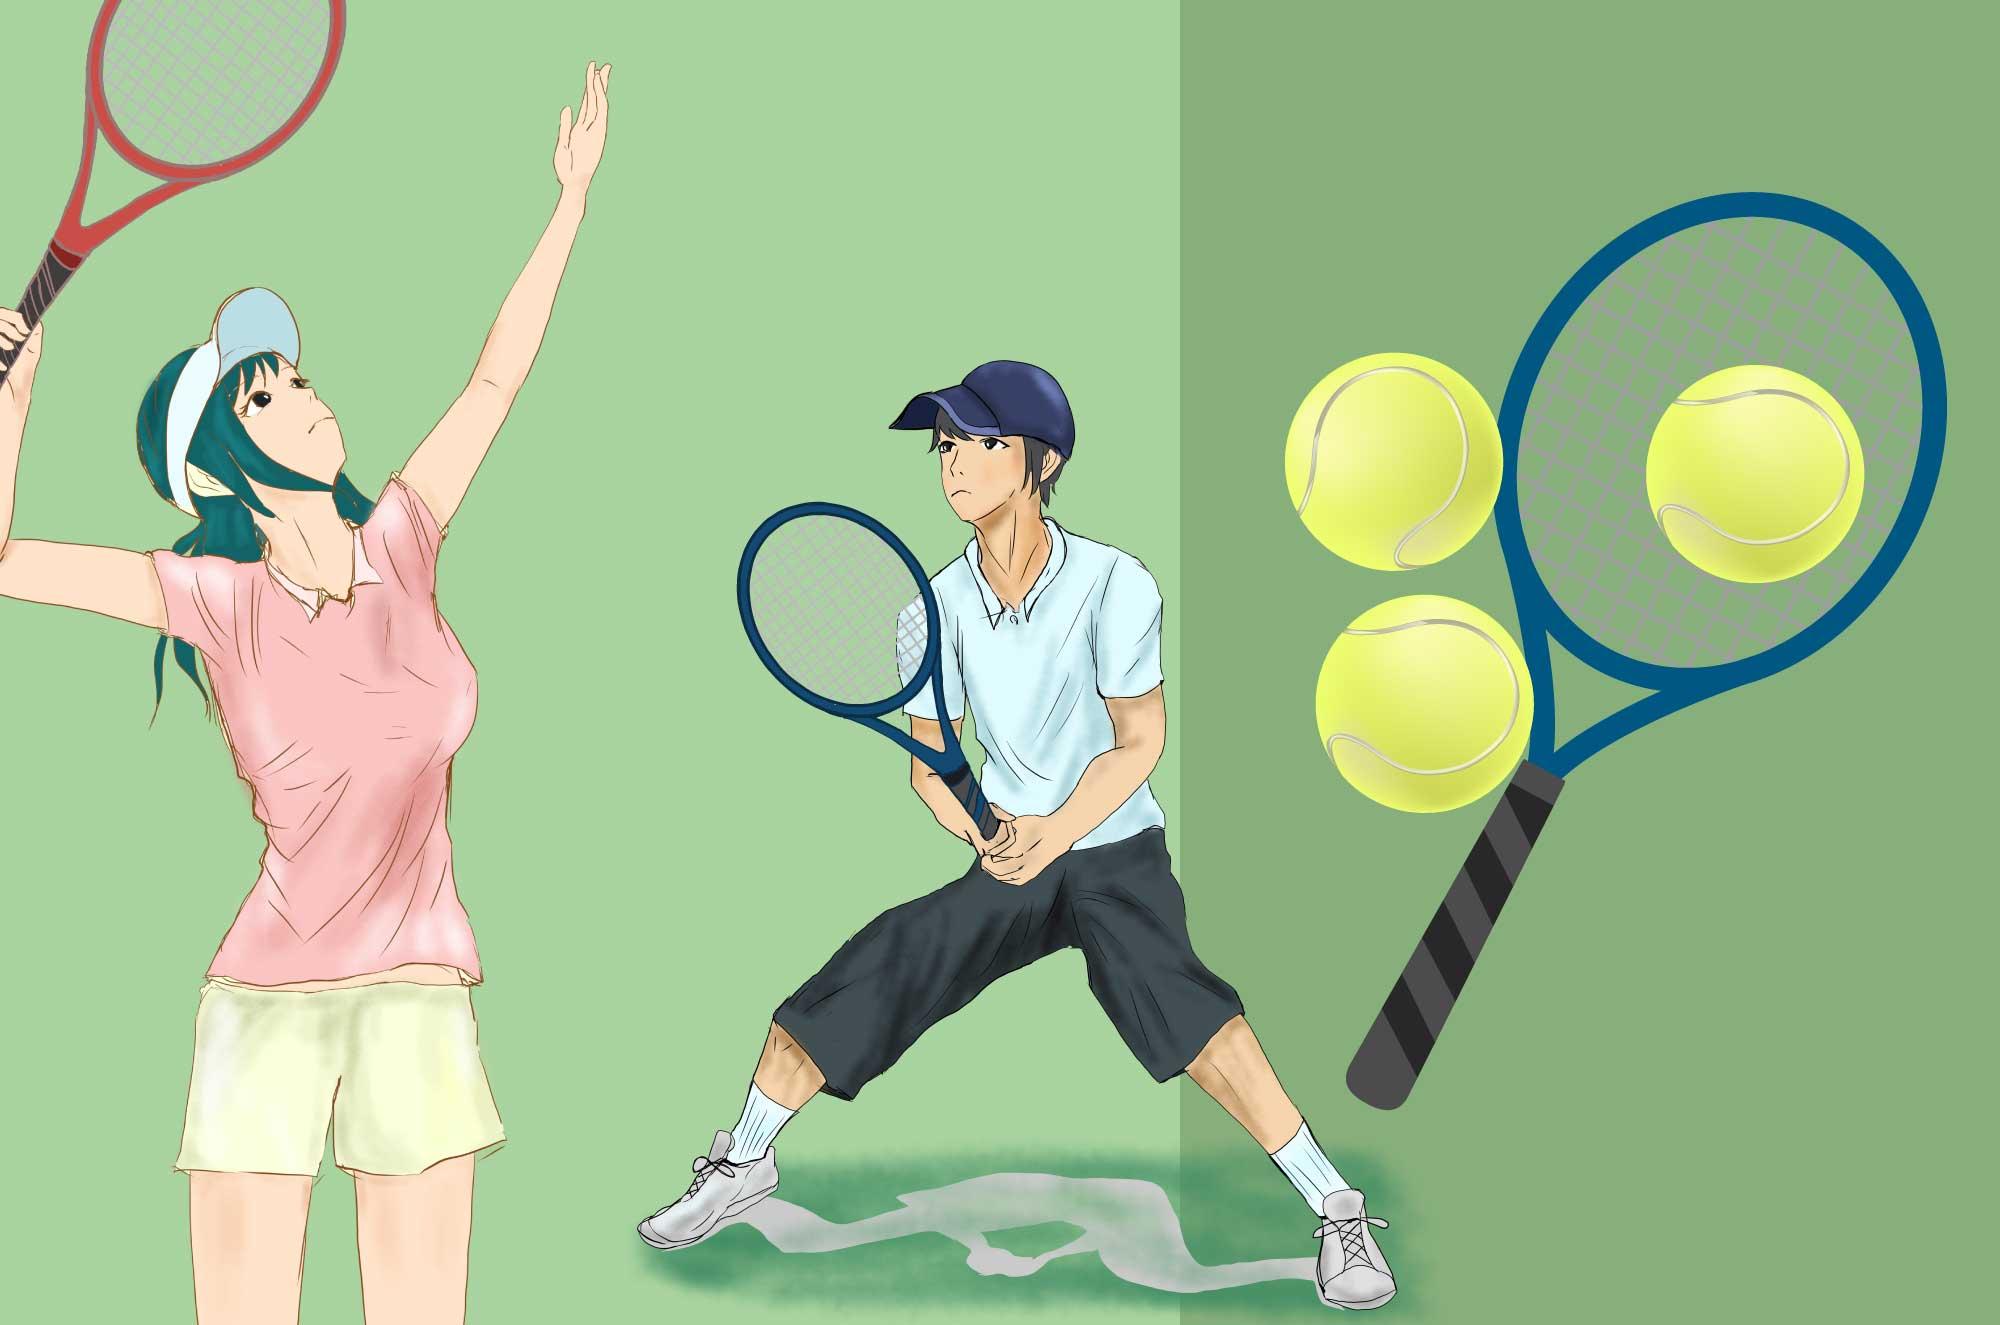 テニスの無料イラスト - ラケット・ボール・コート